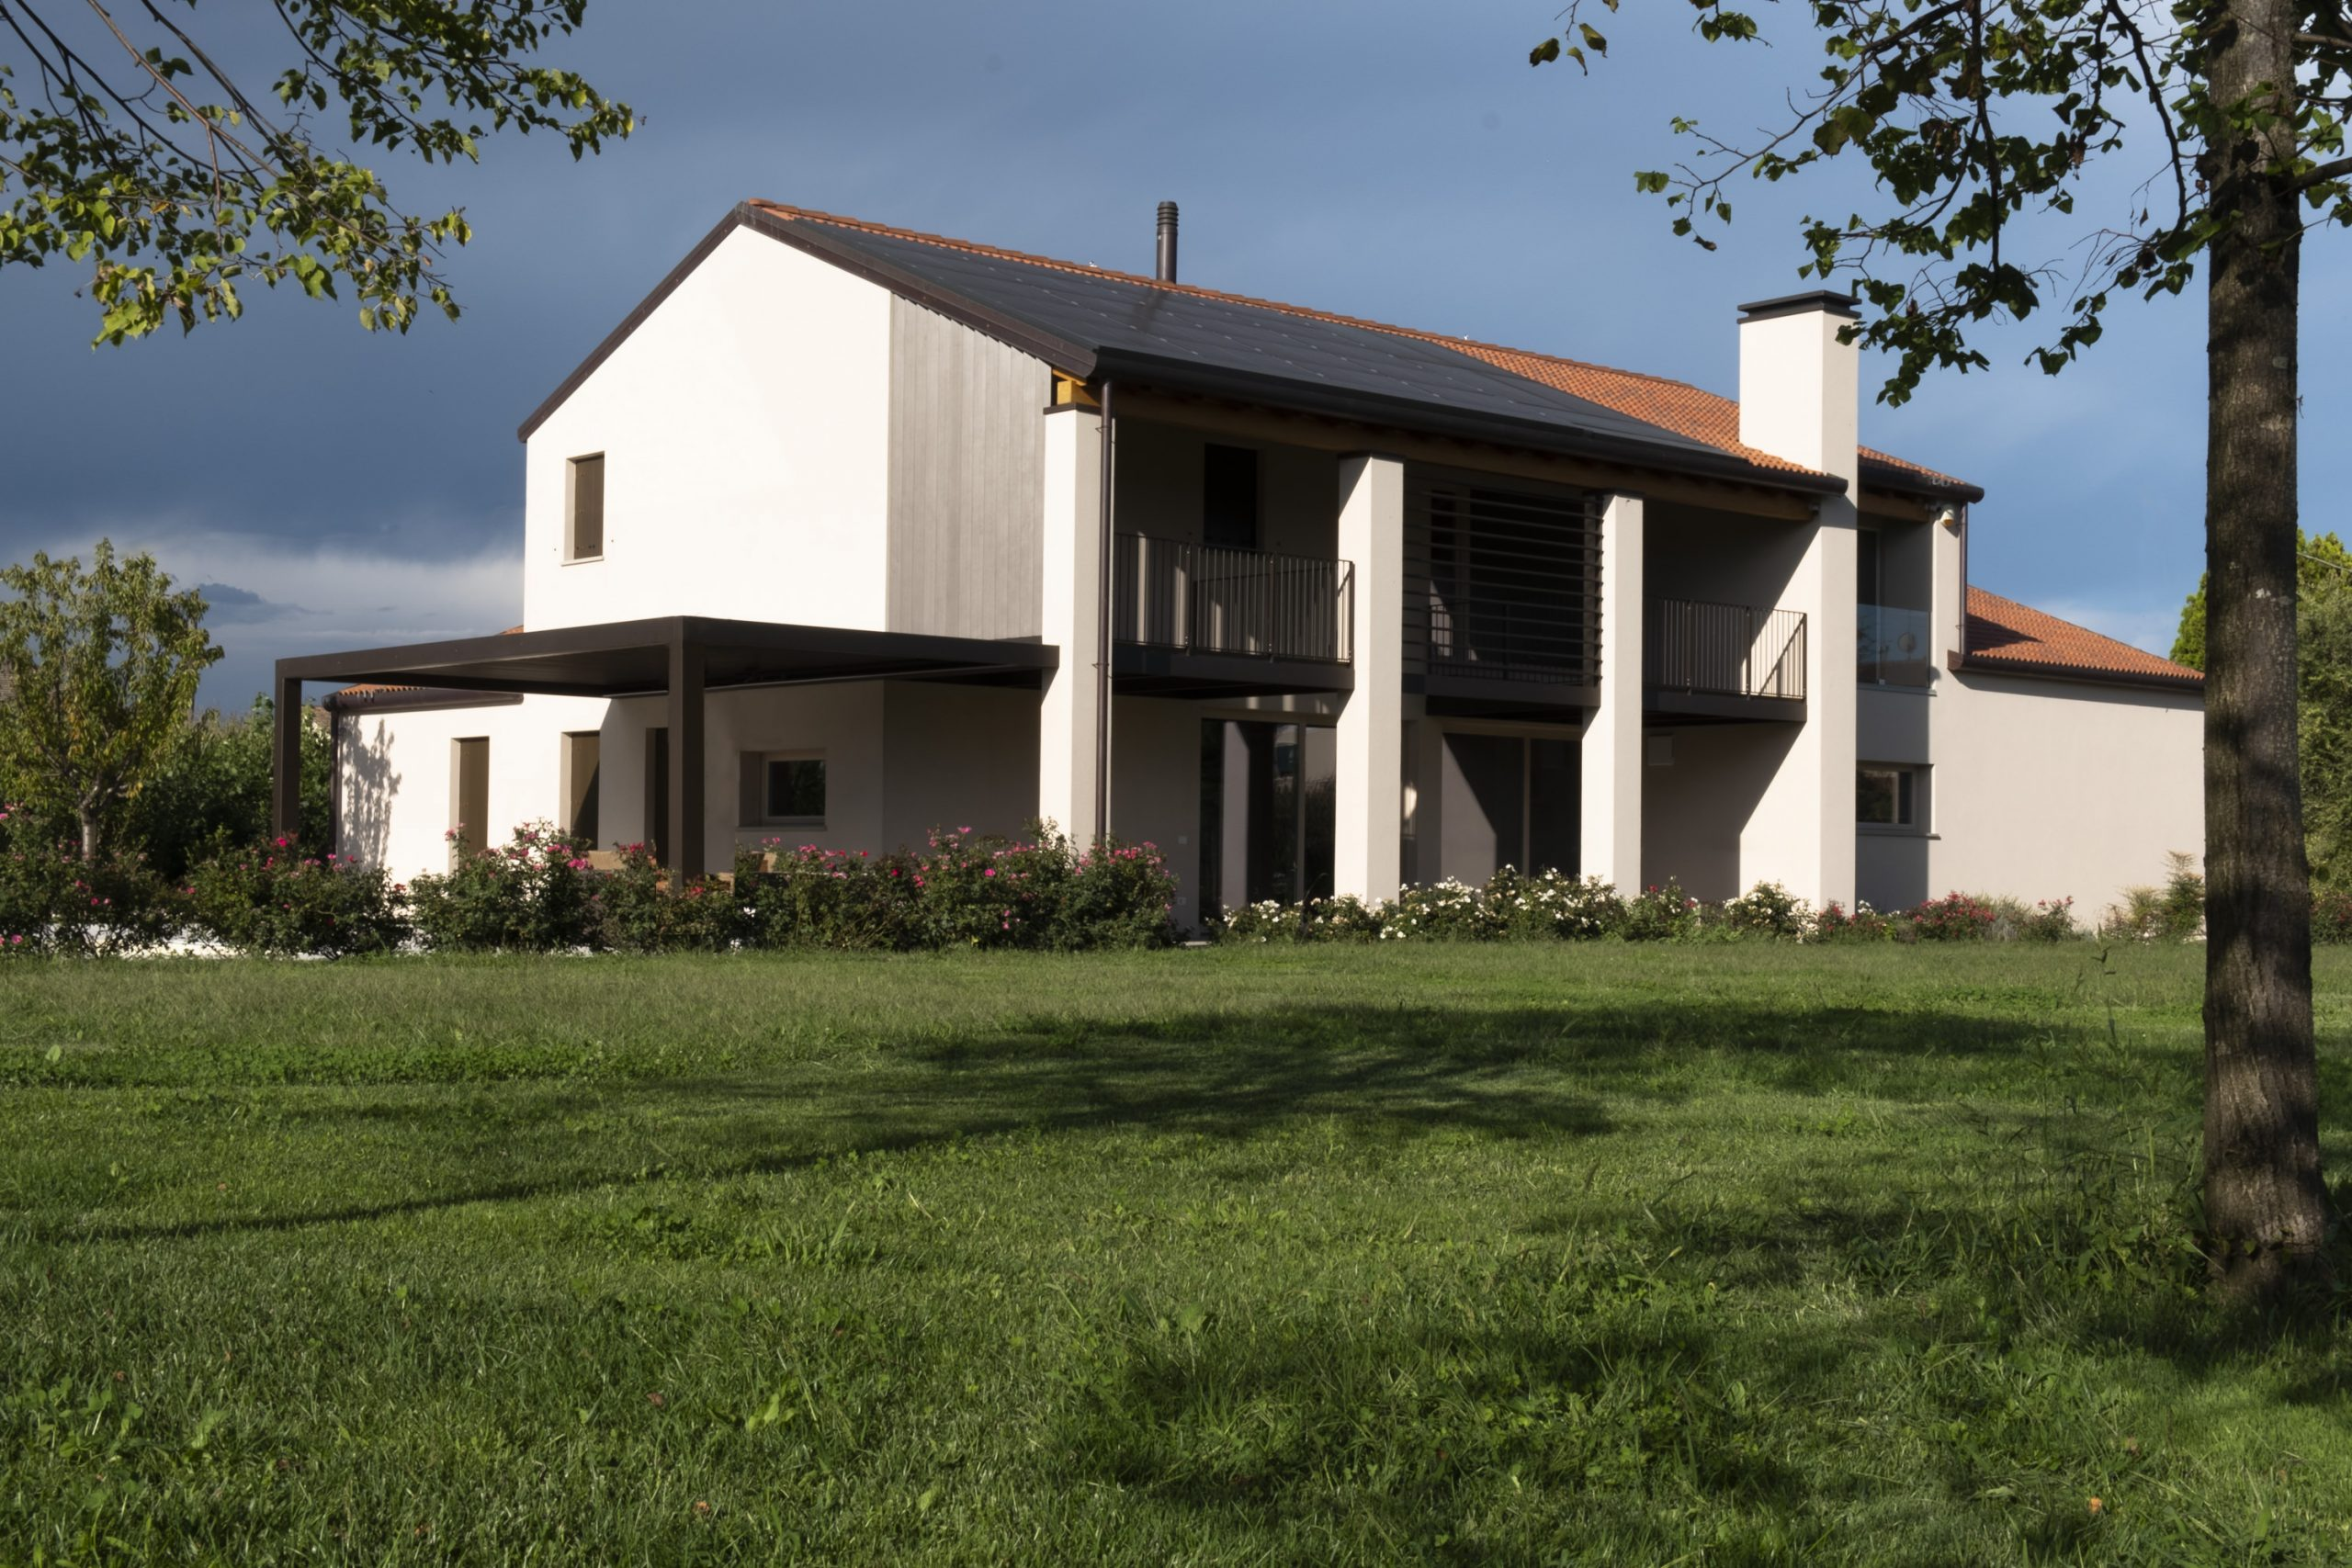 nicolaferiottistudio_casa-cm-05